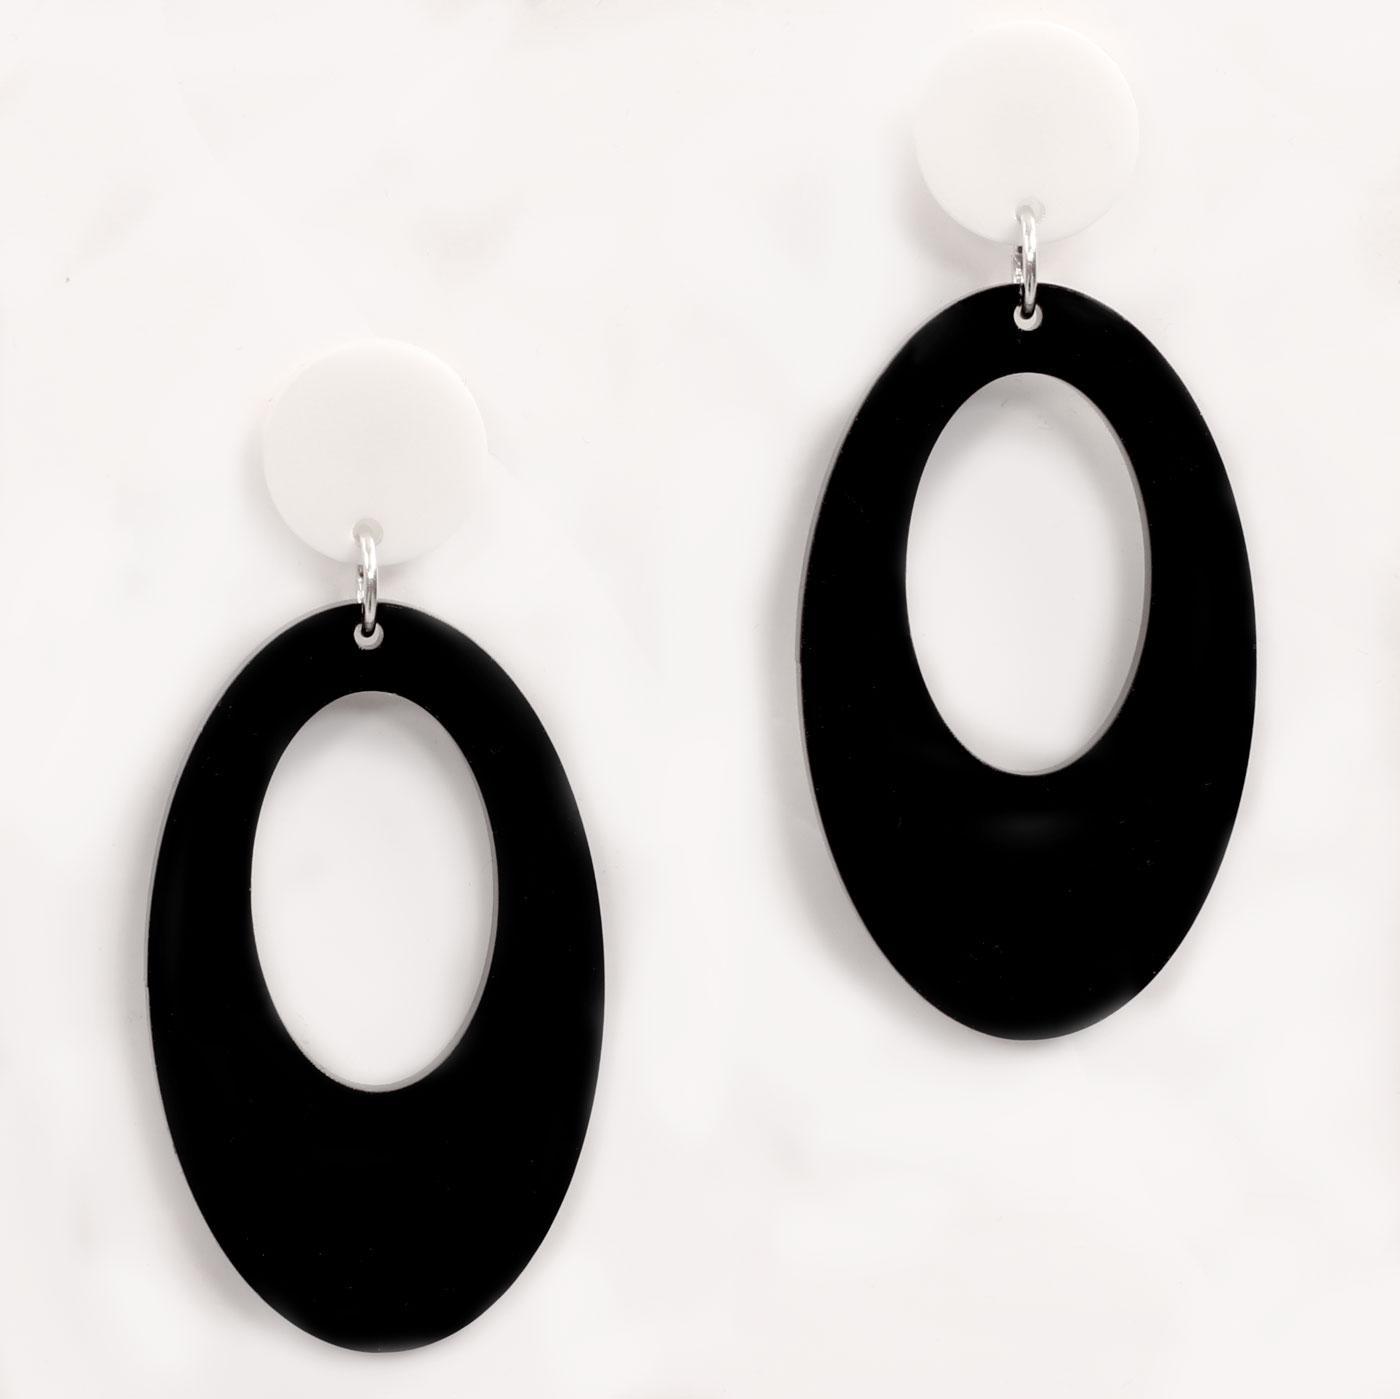 Ada Binks for Madcap England 60s Mod Oval Earrings in black